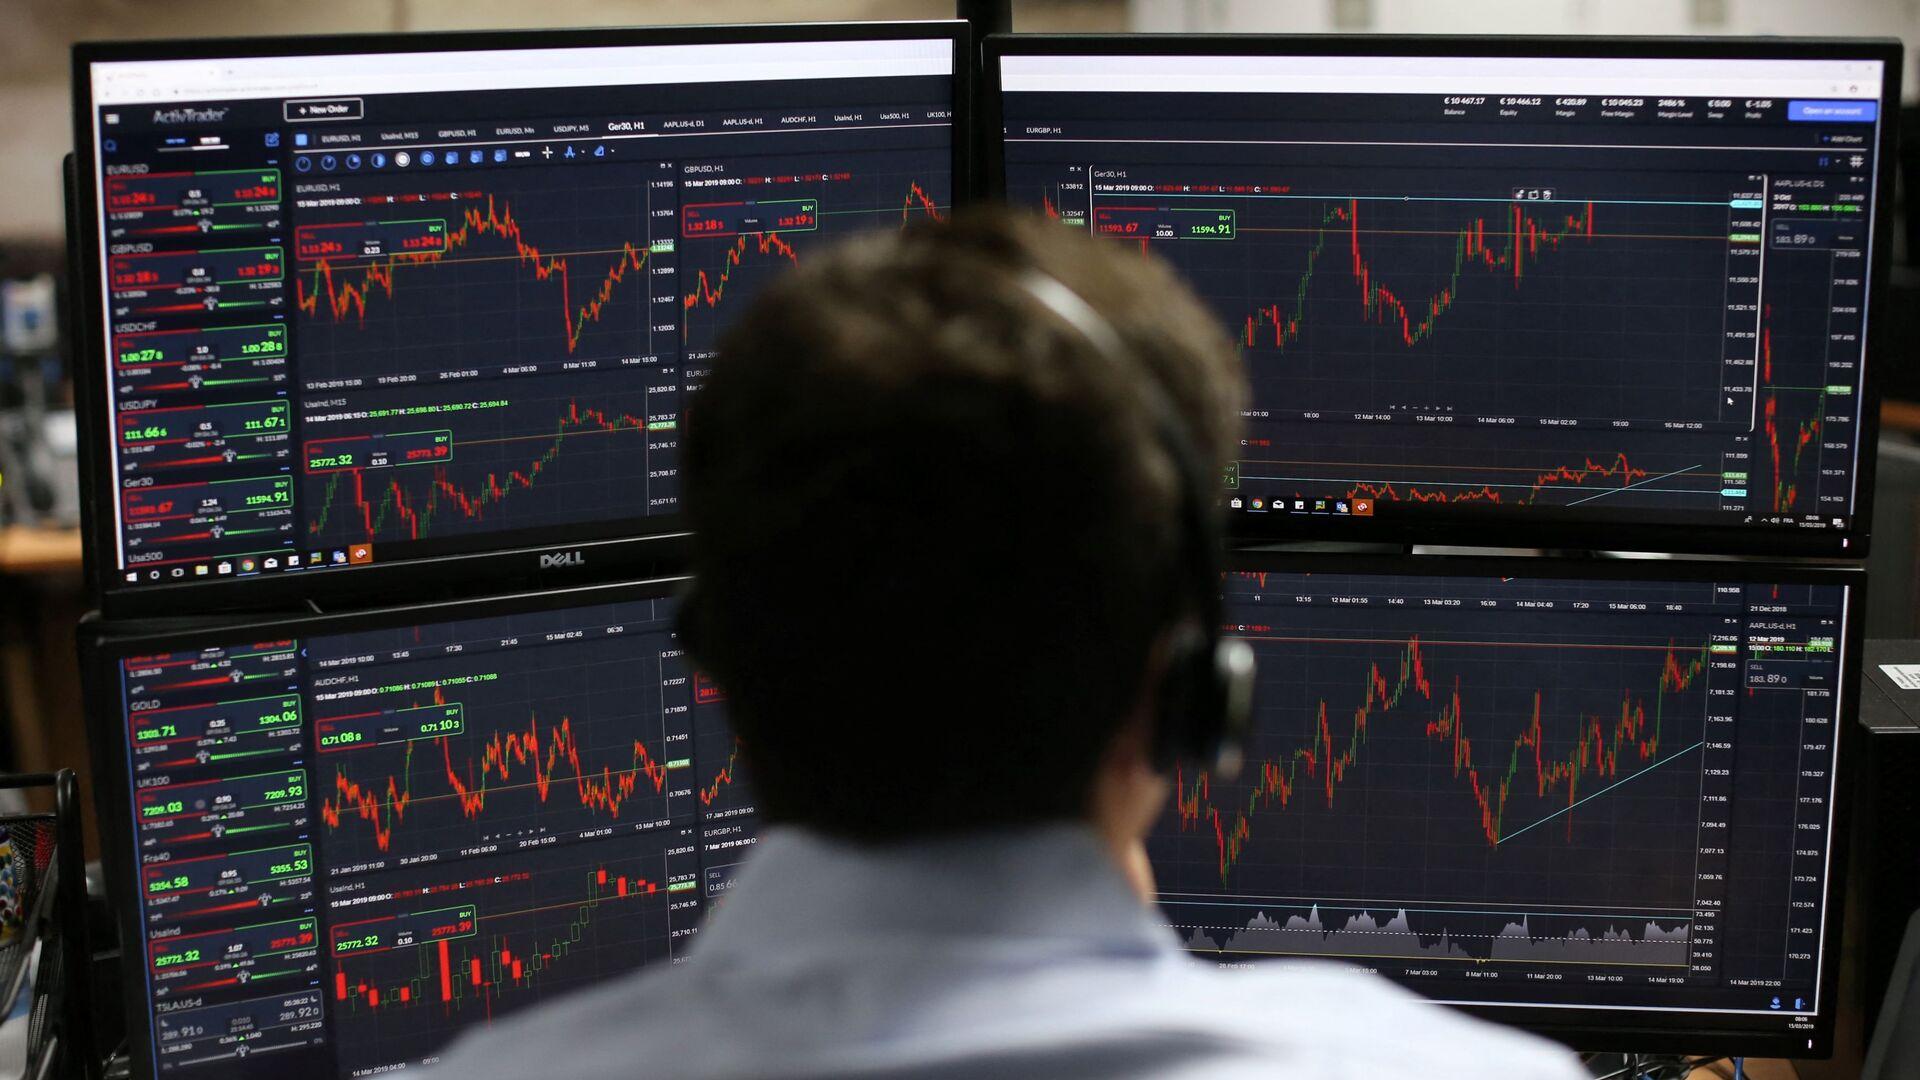 Лондонская фондовая биржа. Акции, котировки, трейдеры - Sputnik Грузия, 1920, 28.09.2021